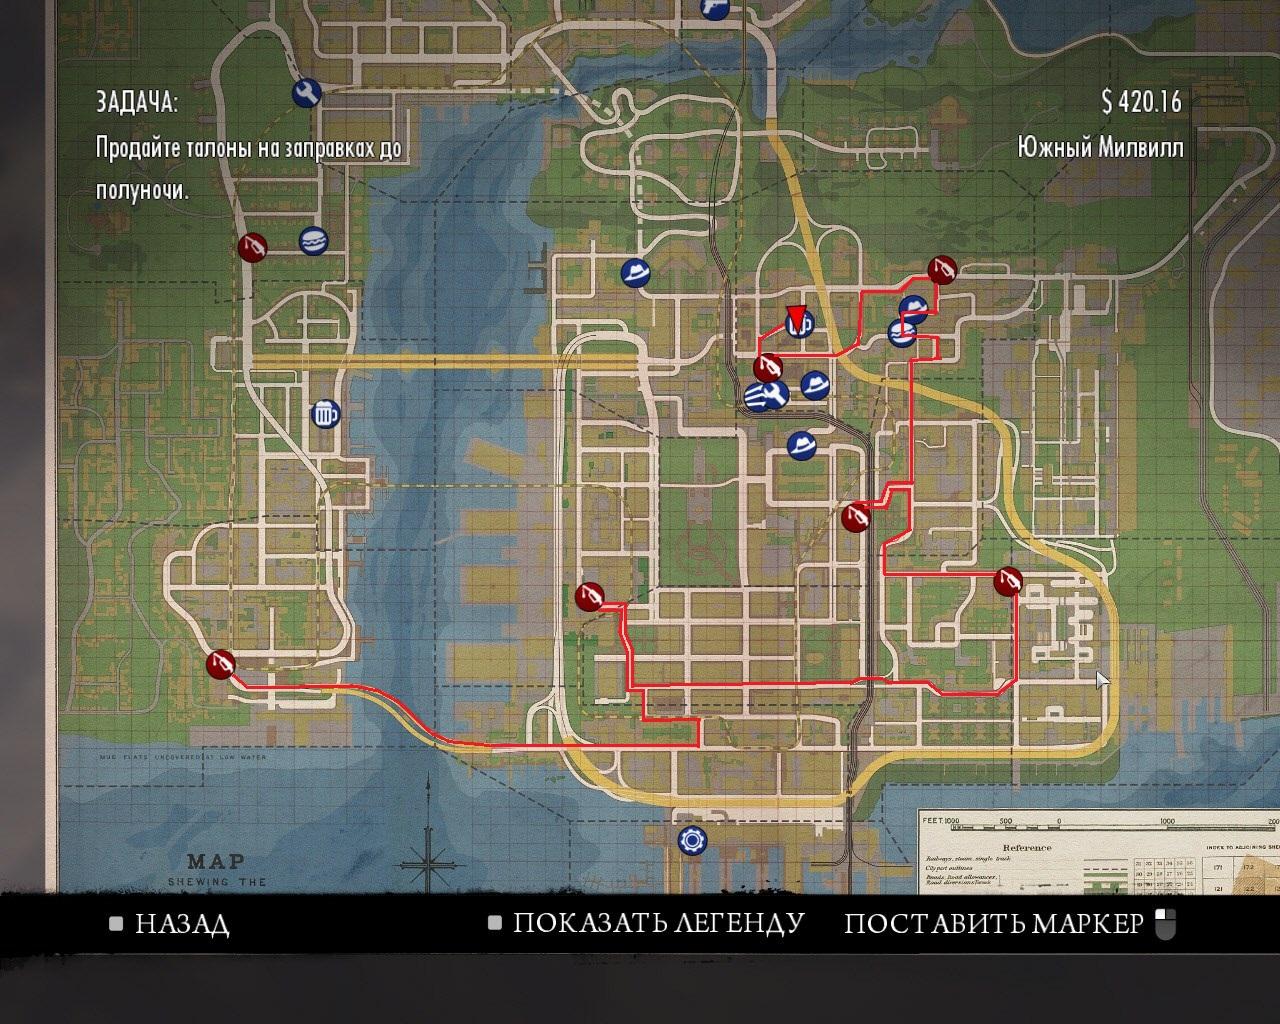 Прохождение игры Mafia 2 - чит коды, nocd, nodvd, трейнер